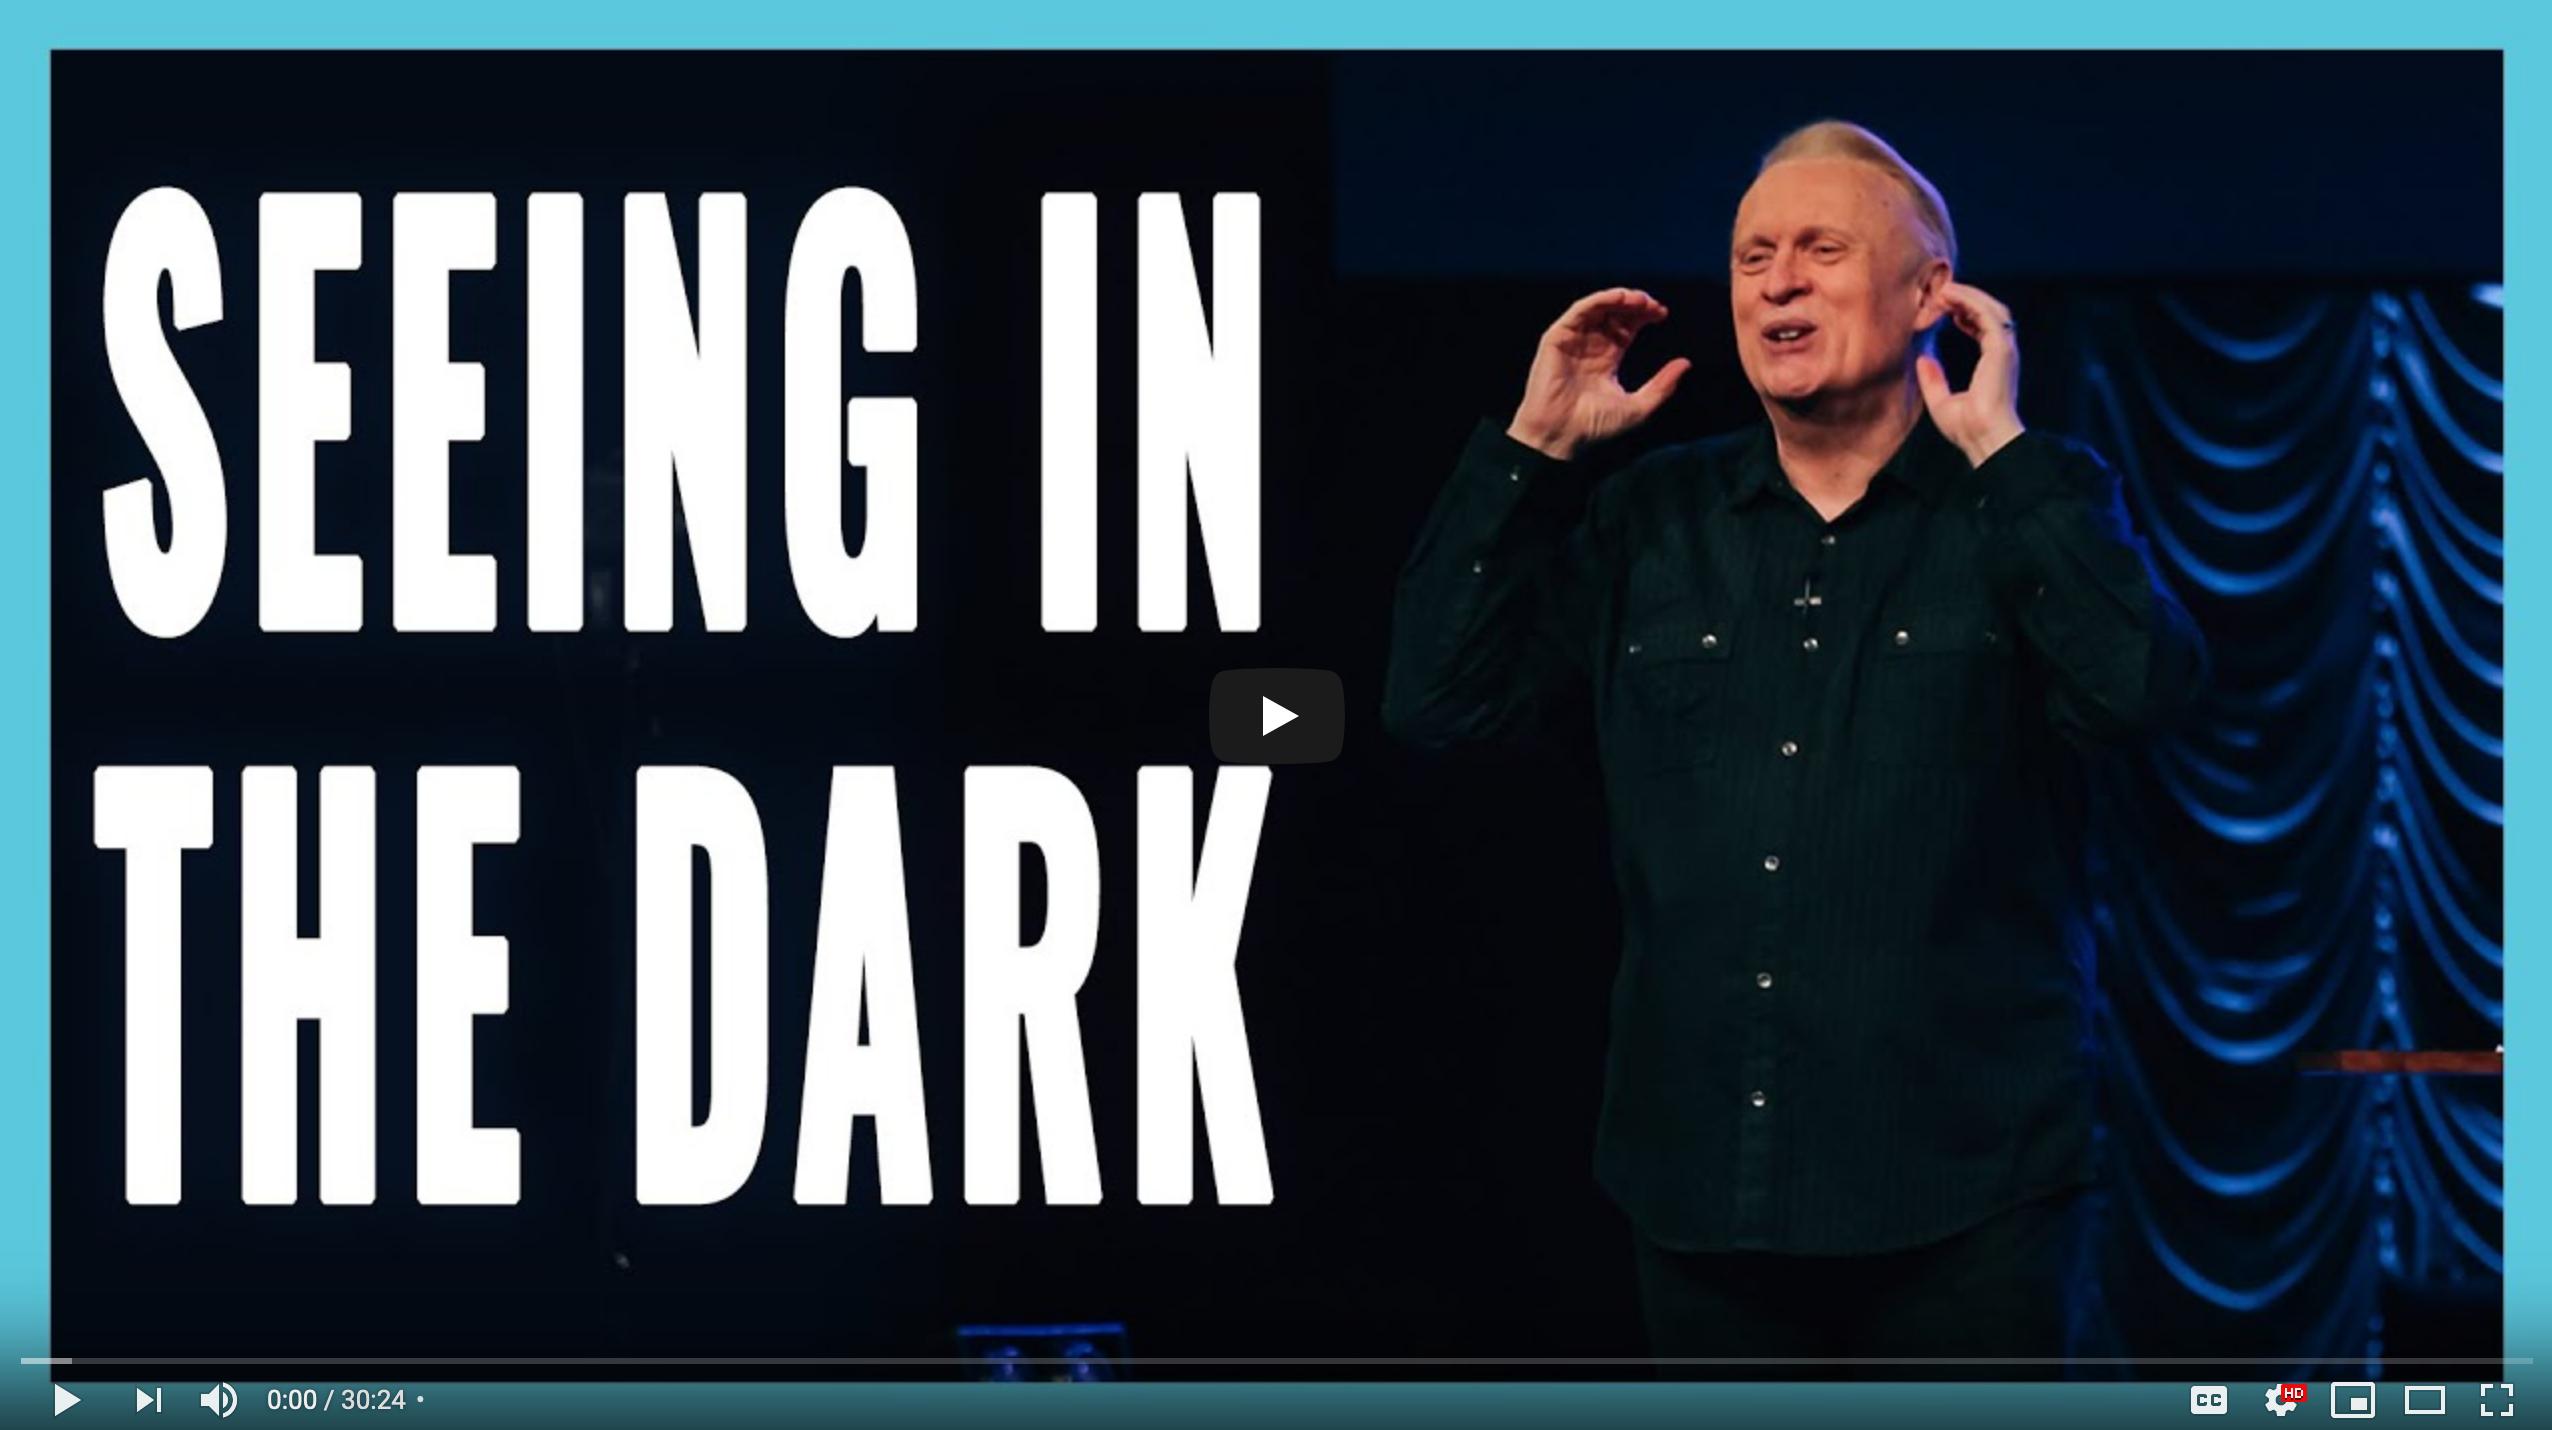 Seeing the Dark